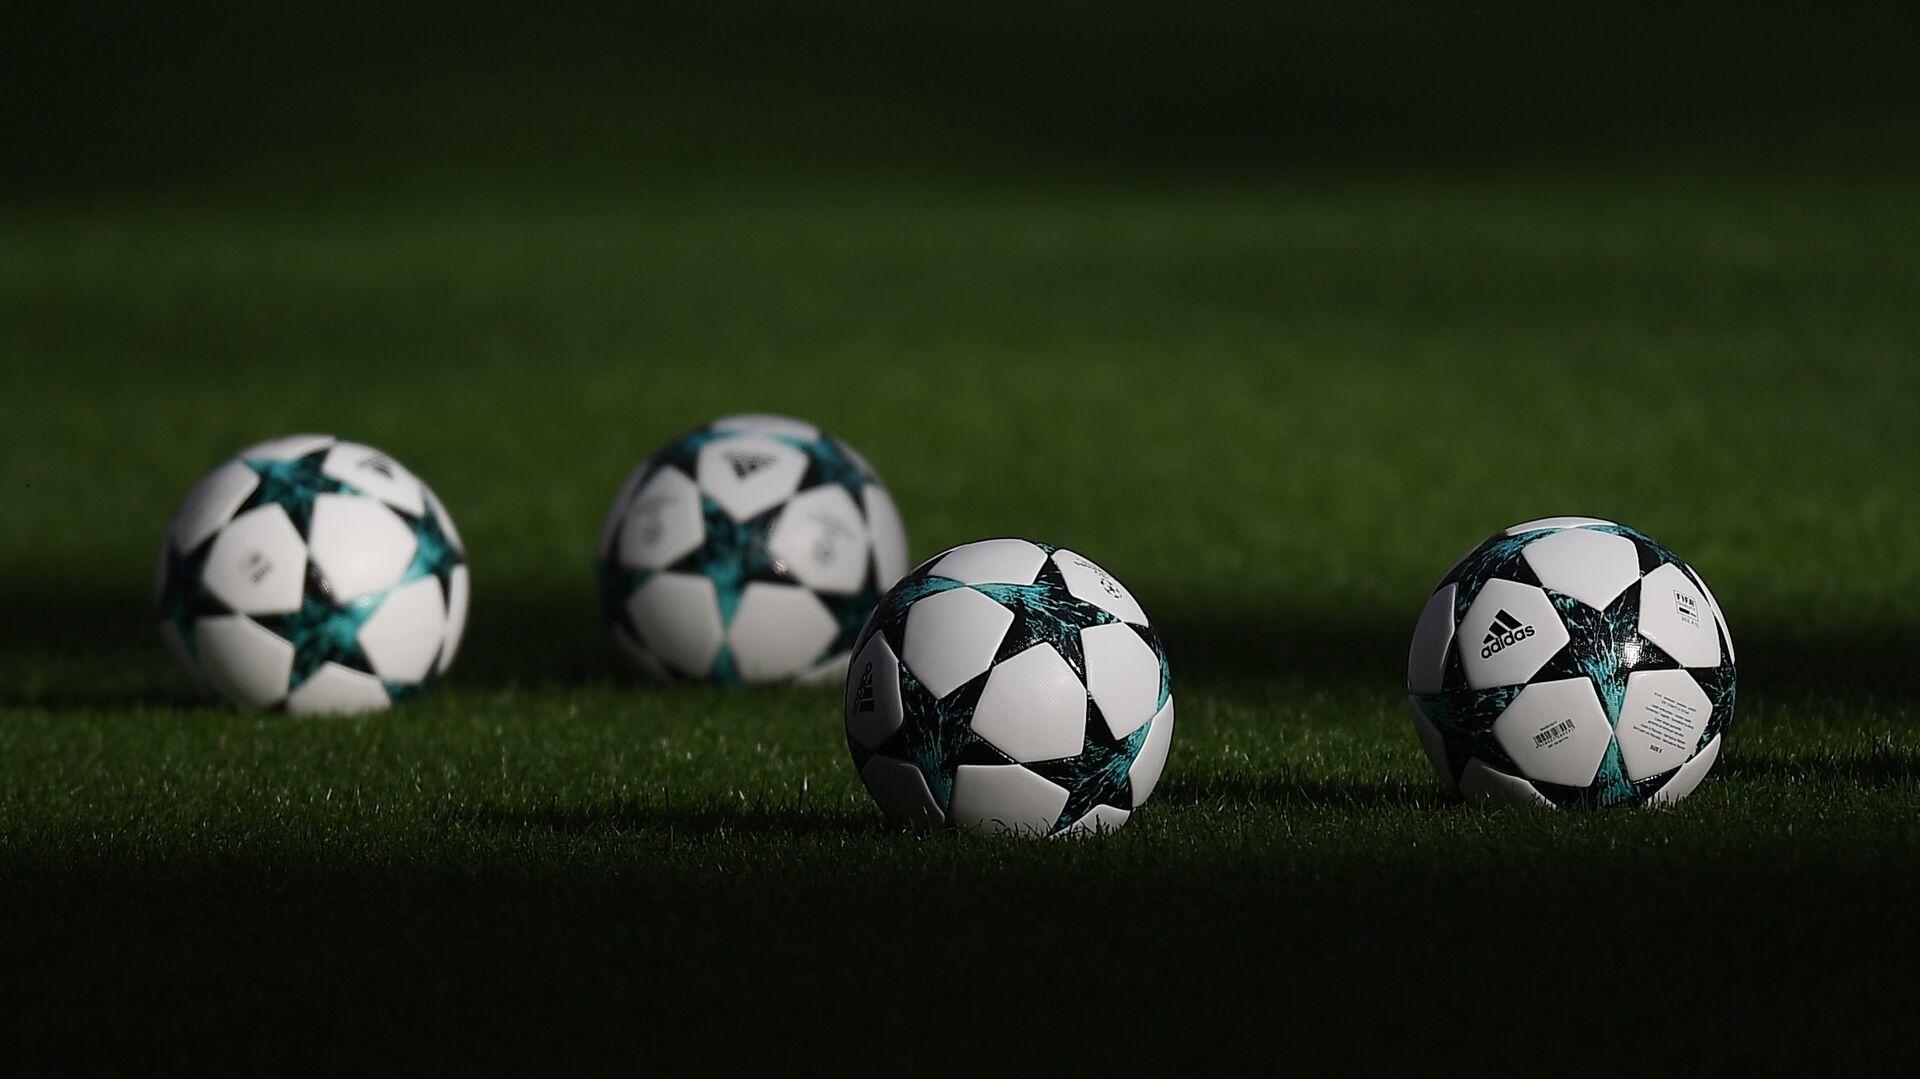 Официальные мячи Лиги чемпионов УЕФА - РИА Новости, 1920, 24.01.2021